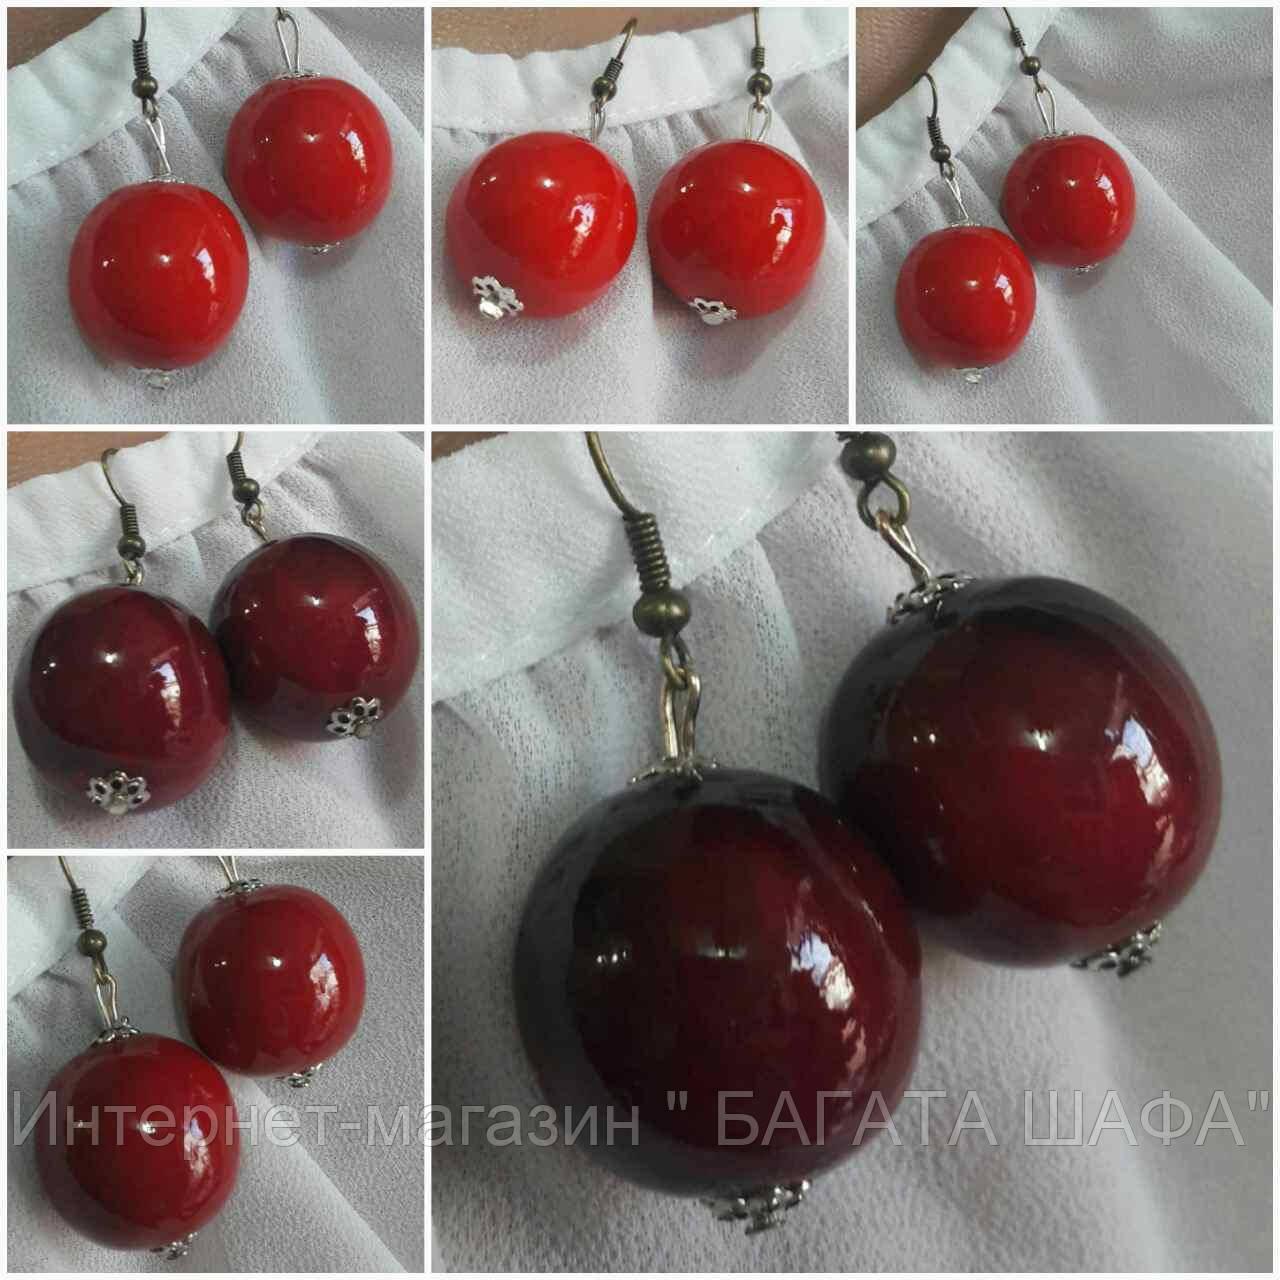 Серьги женские глянцевые вишневого цвета, d бусин 2 см, 12/20 (цена за 1 шт. + 8 грн)